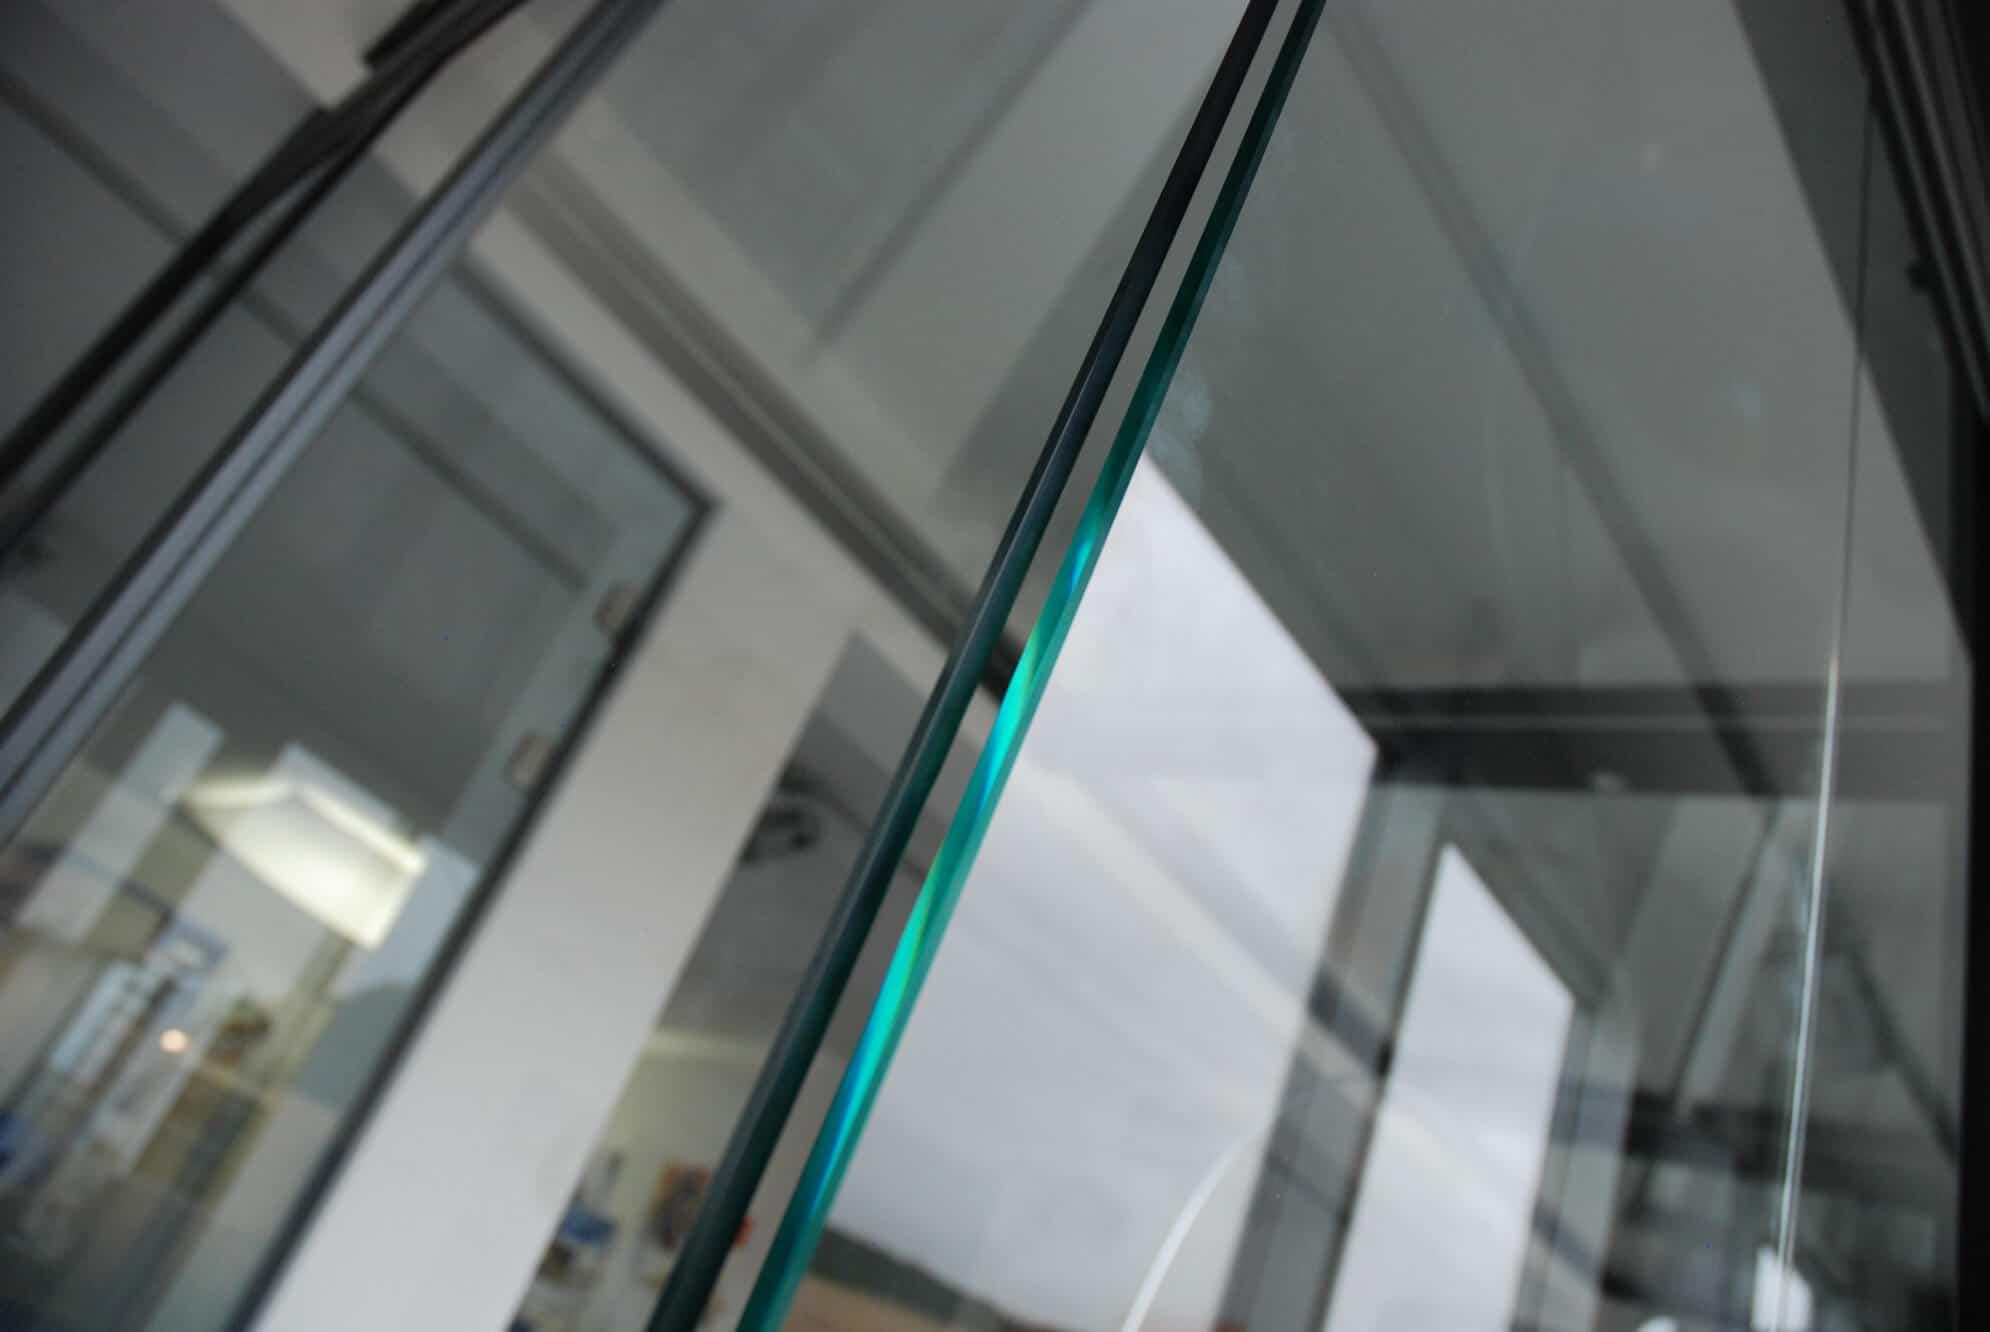 Ganzglas Schiebe-Dreh-Verglasung Eckkonstruktion